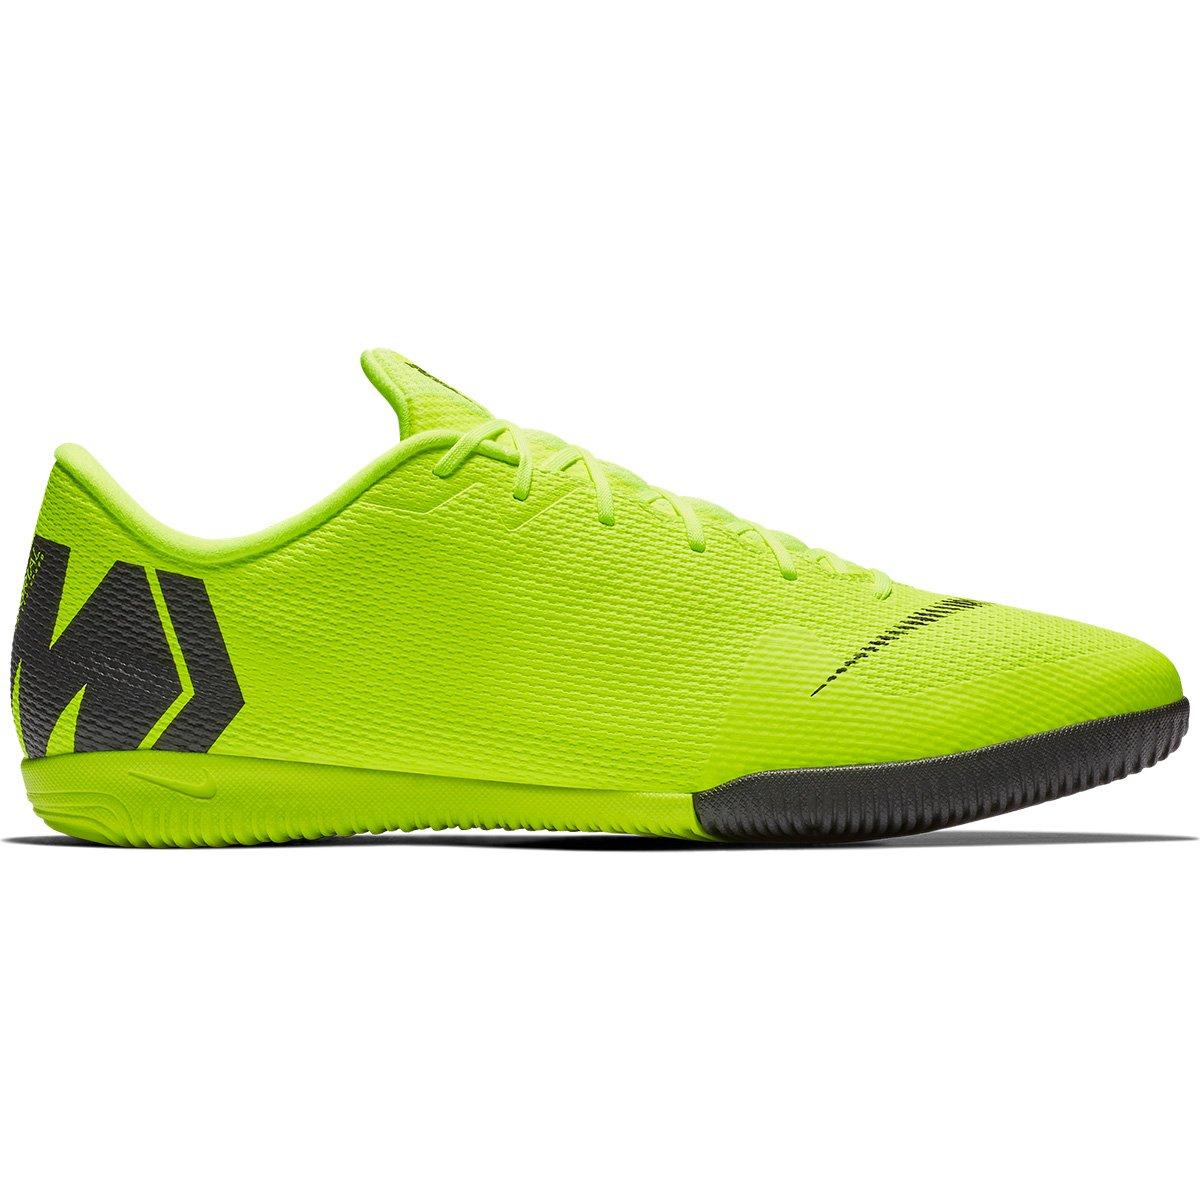 Chuteira Futsal Nike Mercurial Vapor 12 Academy - Verde e Preto ... 0d0f1552360e3